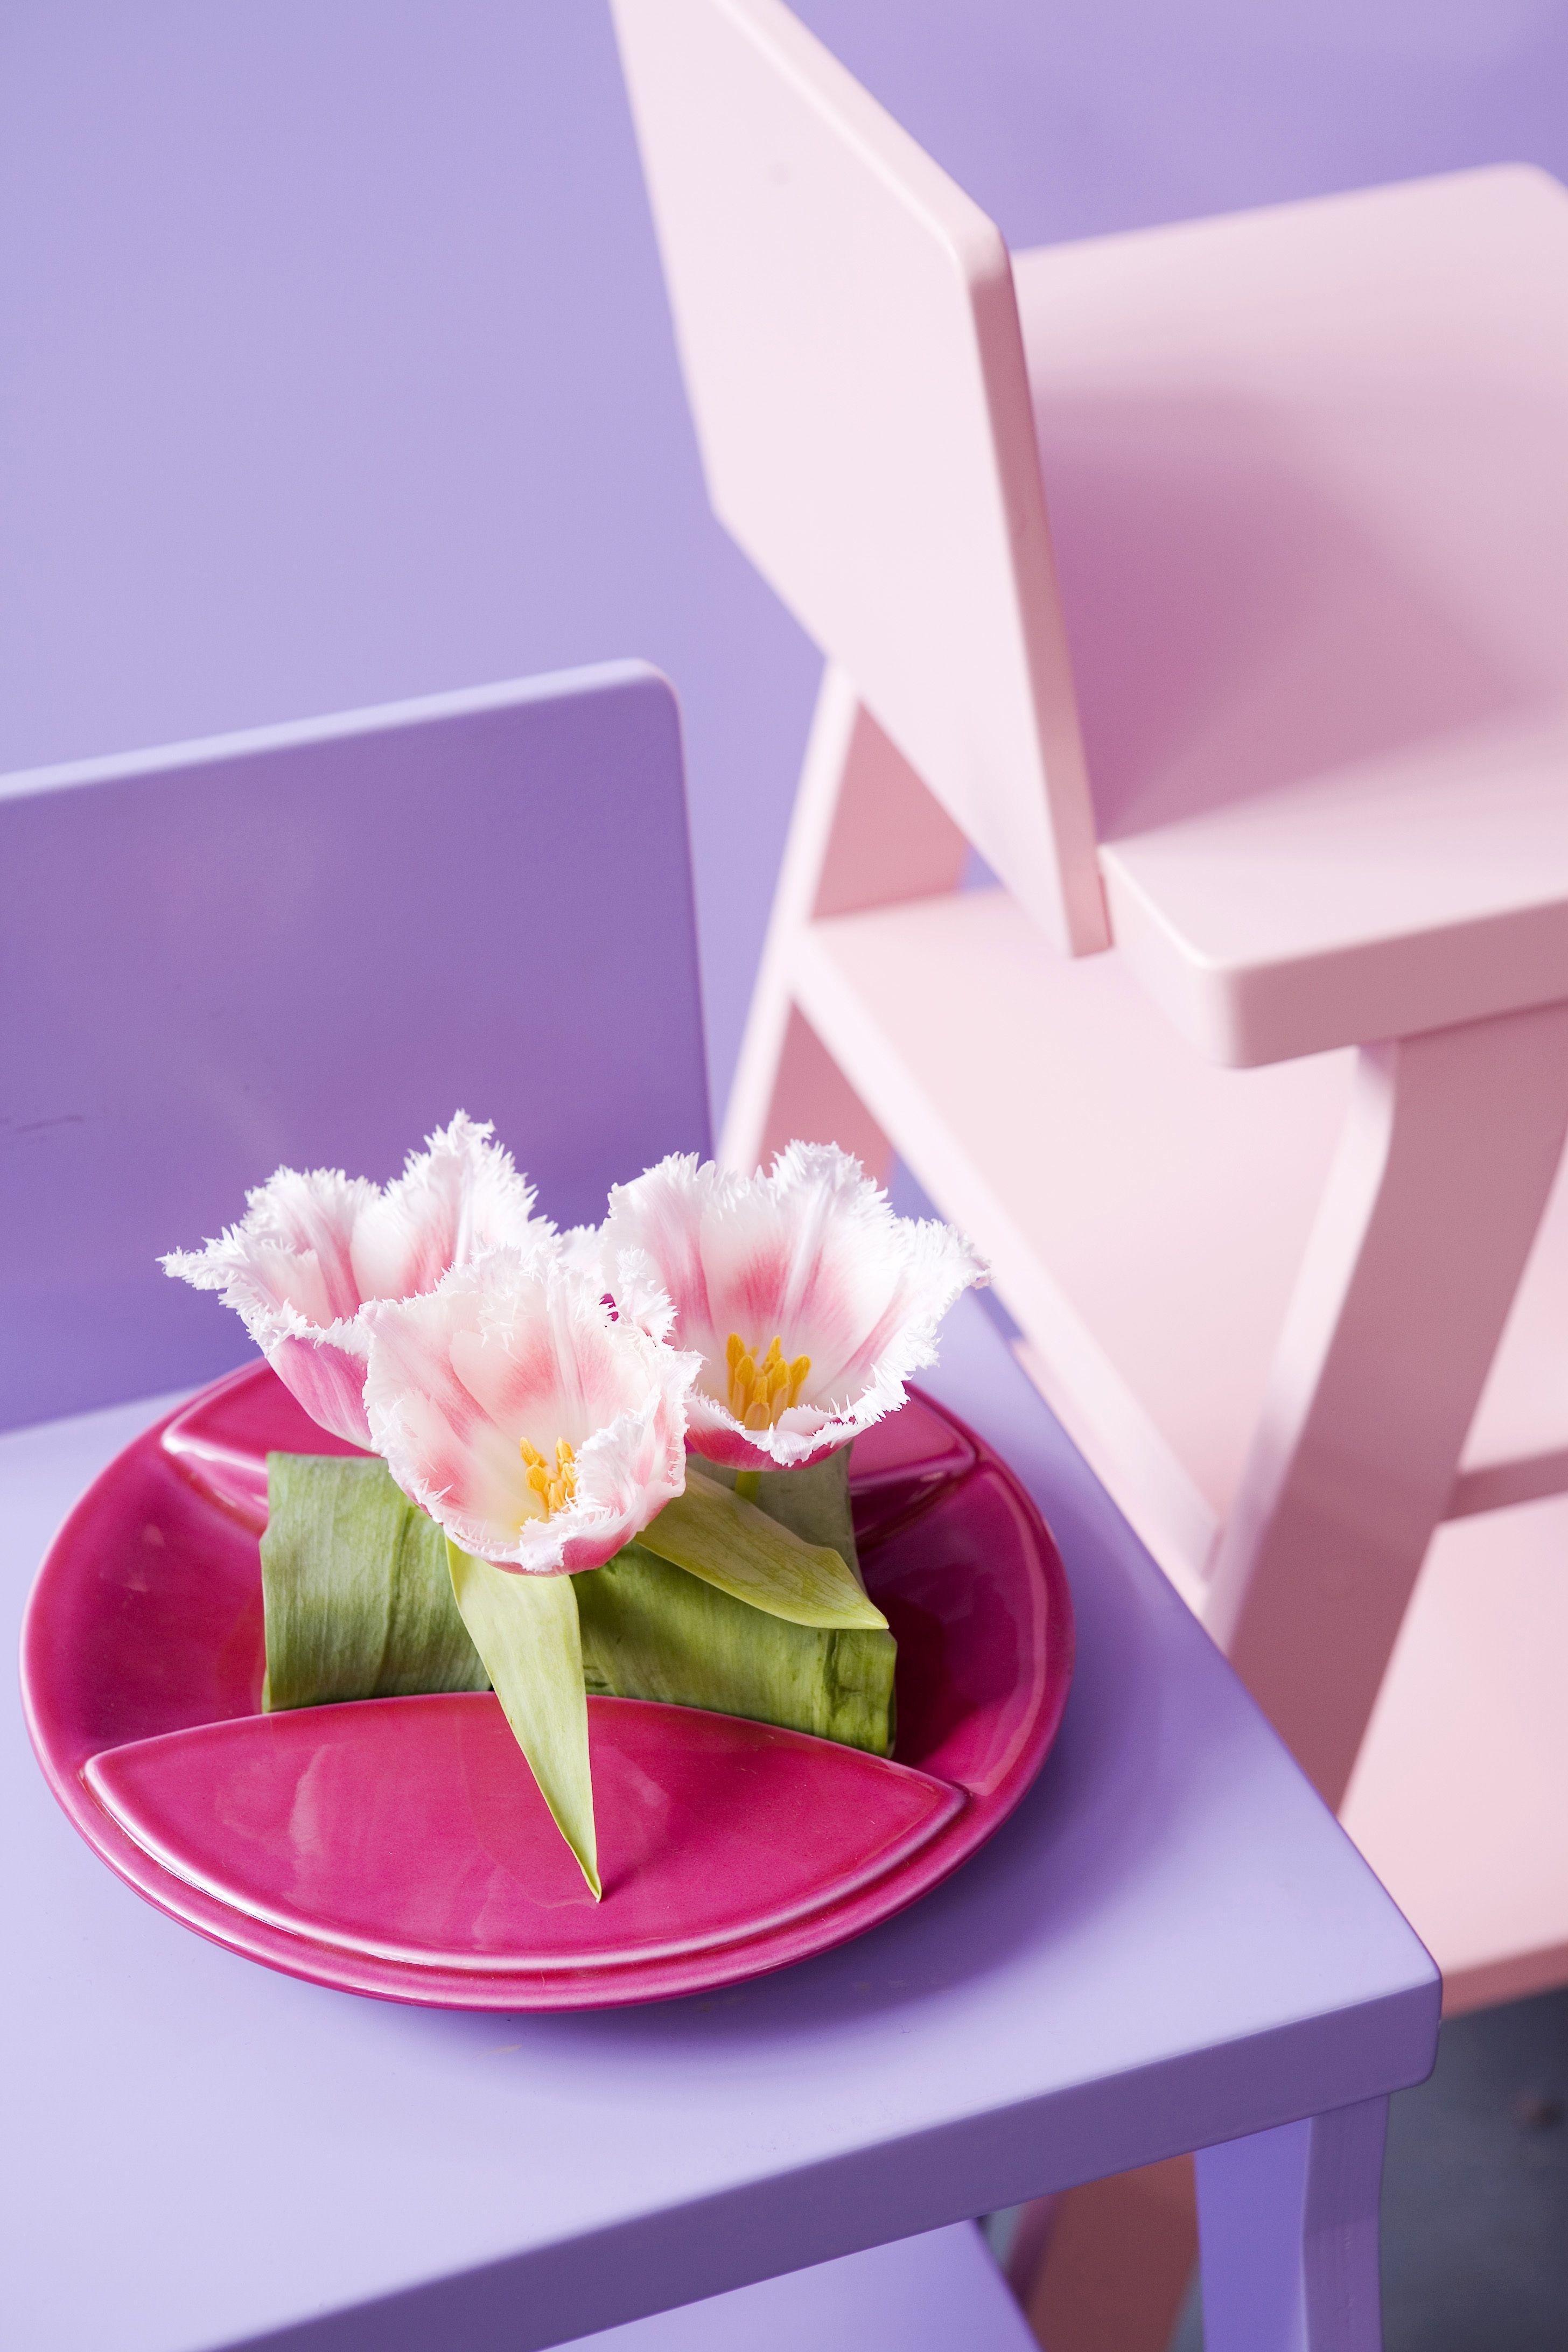 Segnaposto con i fiori idee fai da te per la casa craft for Idee fai da te per la casa